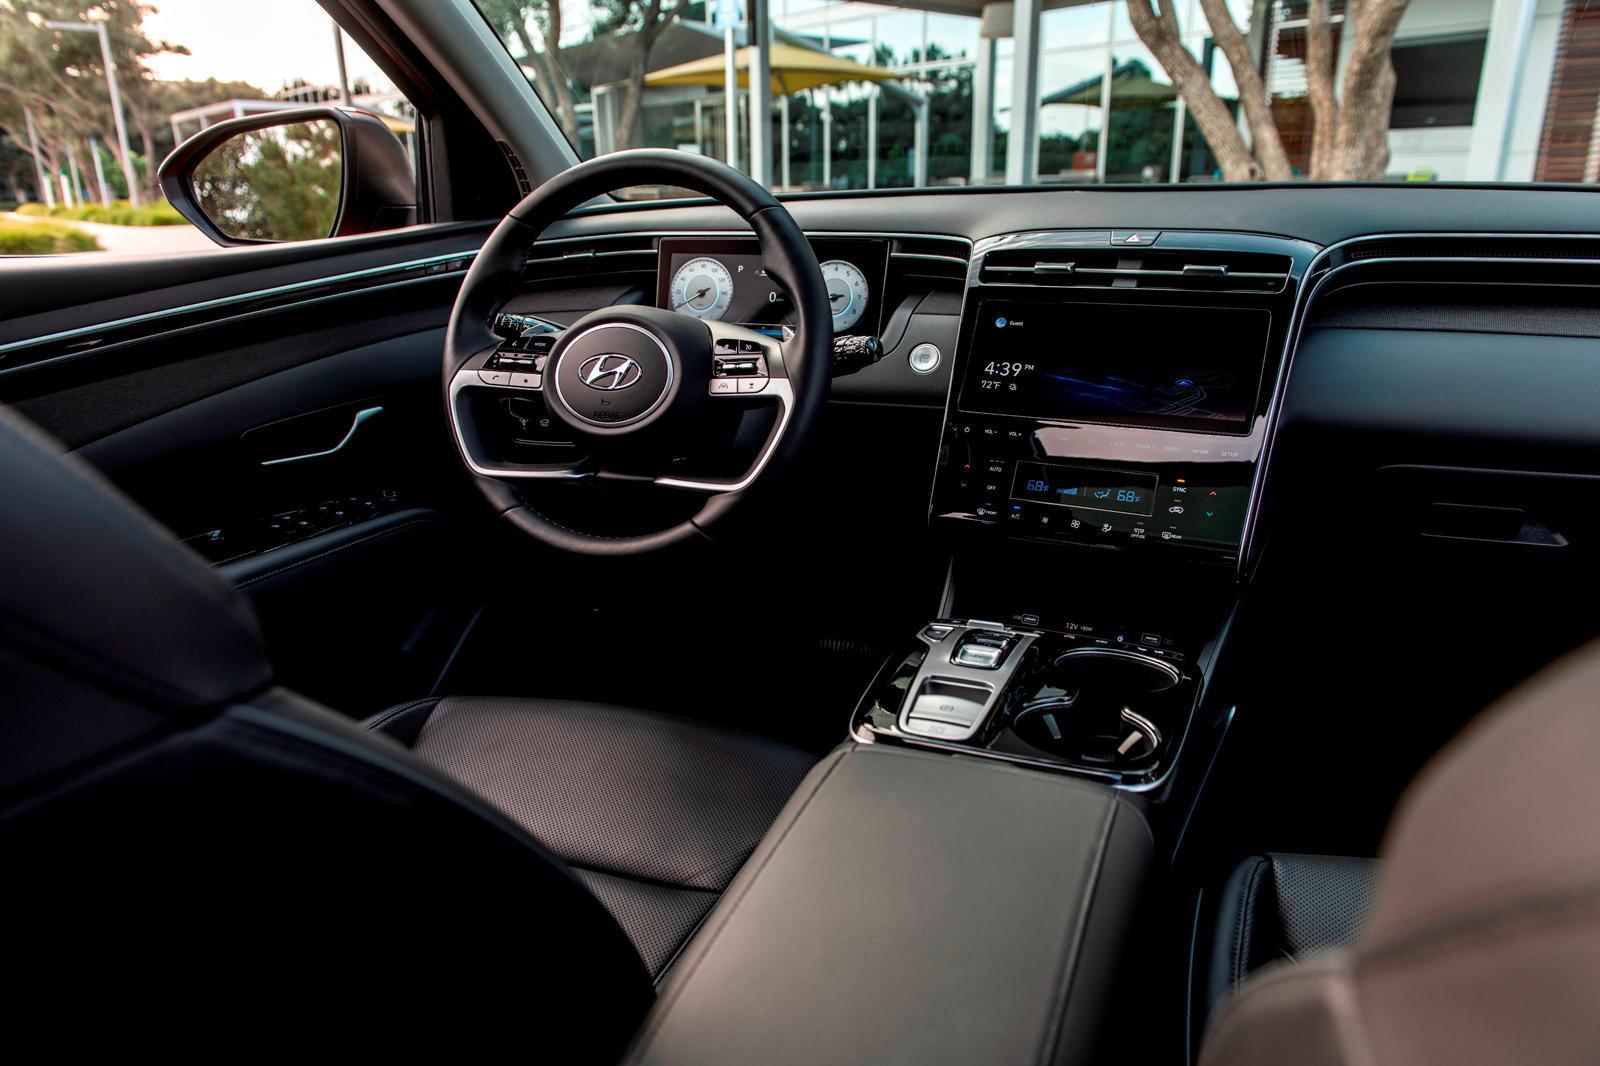 Начиная с версии с поршневым двигателем, базовая модель SE с передним приводом и 2,5-литровым двигателем стоит от 1,98 млн рублей. EPA оценивает его экономию топлива 9 литров на 100 км в городе, 7 литров на 100 км на шоссе и 8 л на 100 км в смешанном